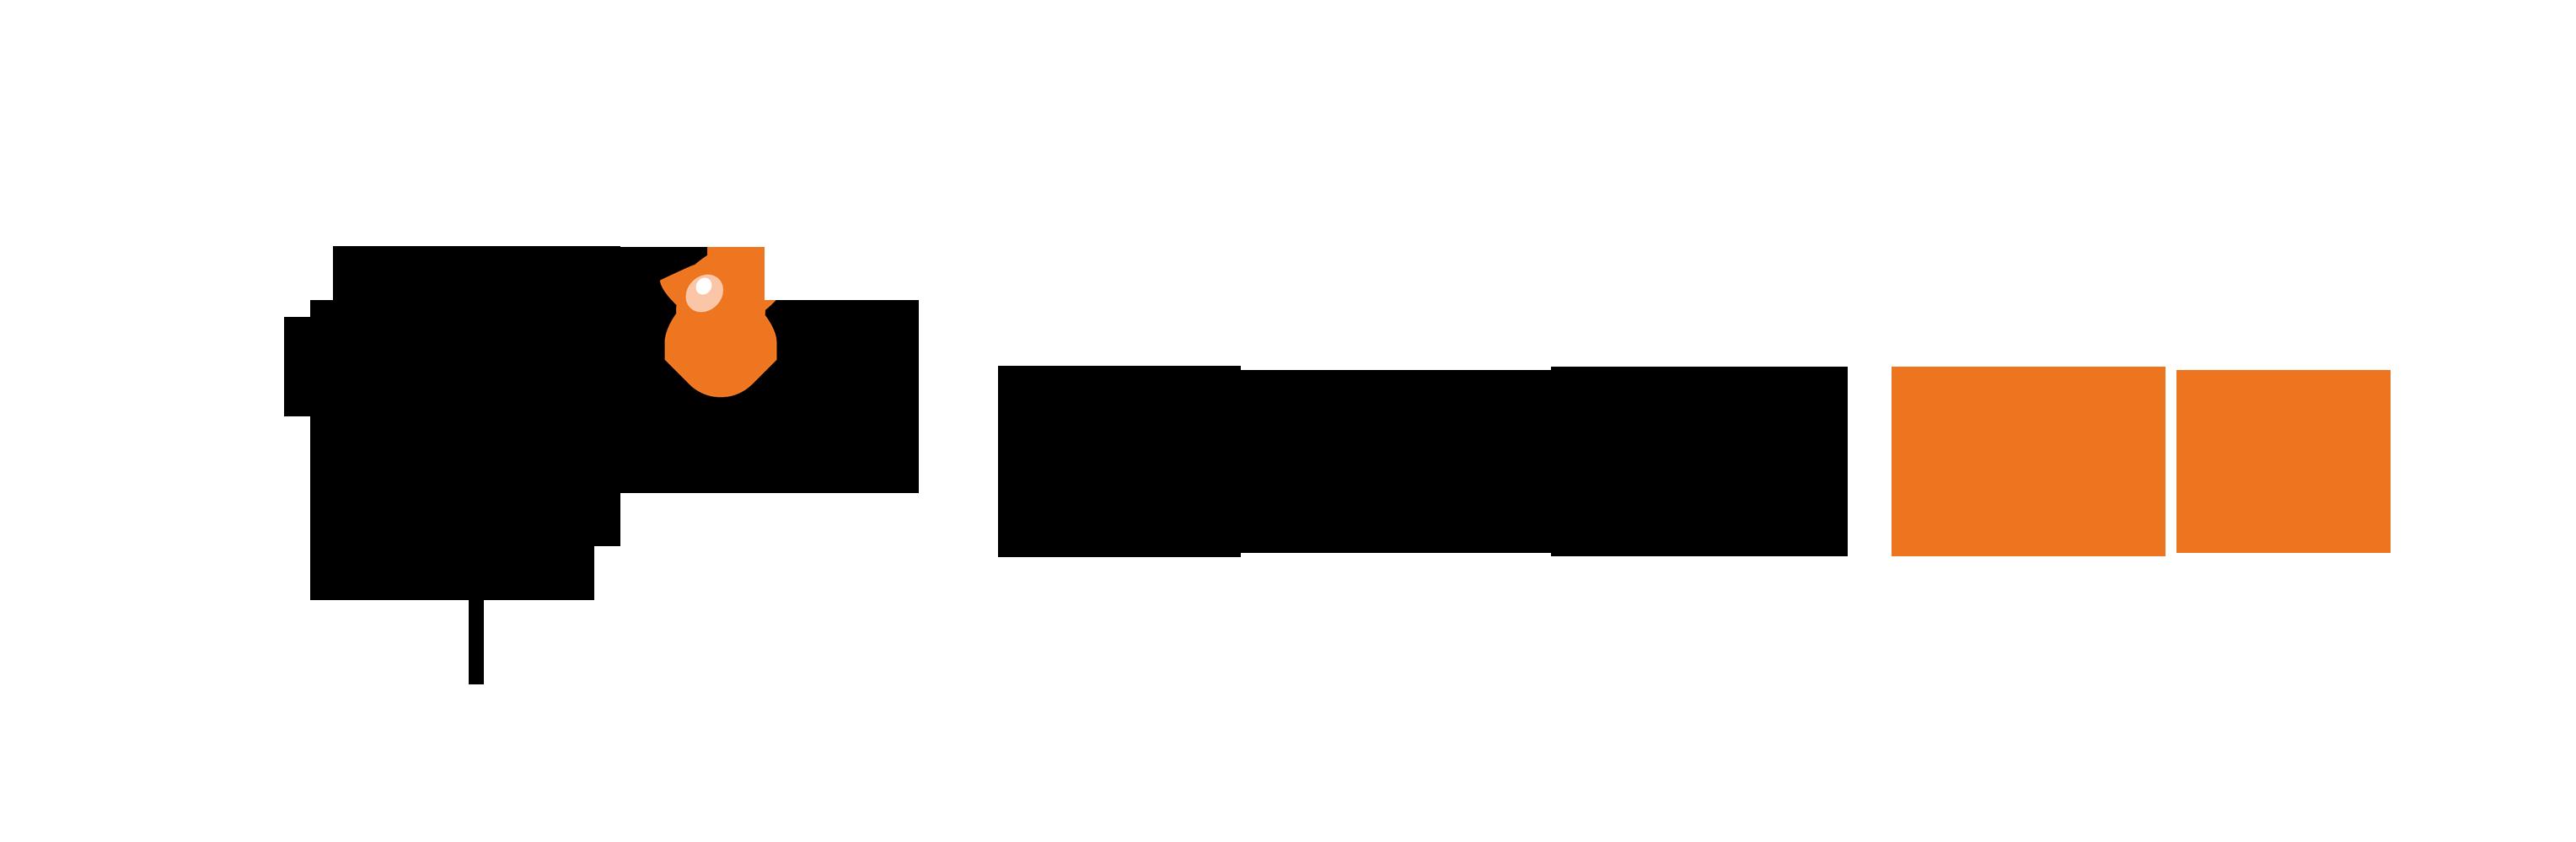 logotipo-criap